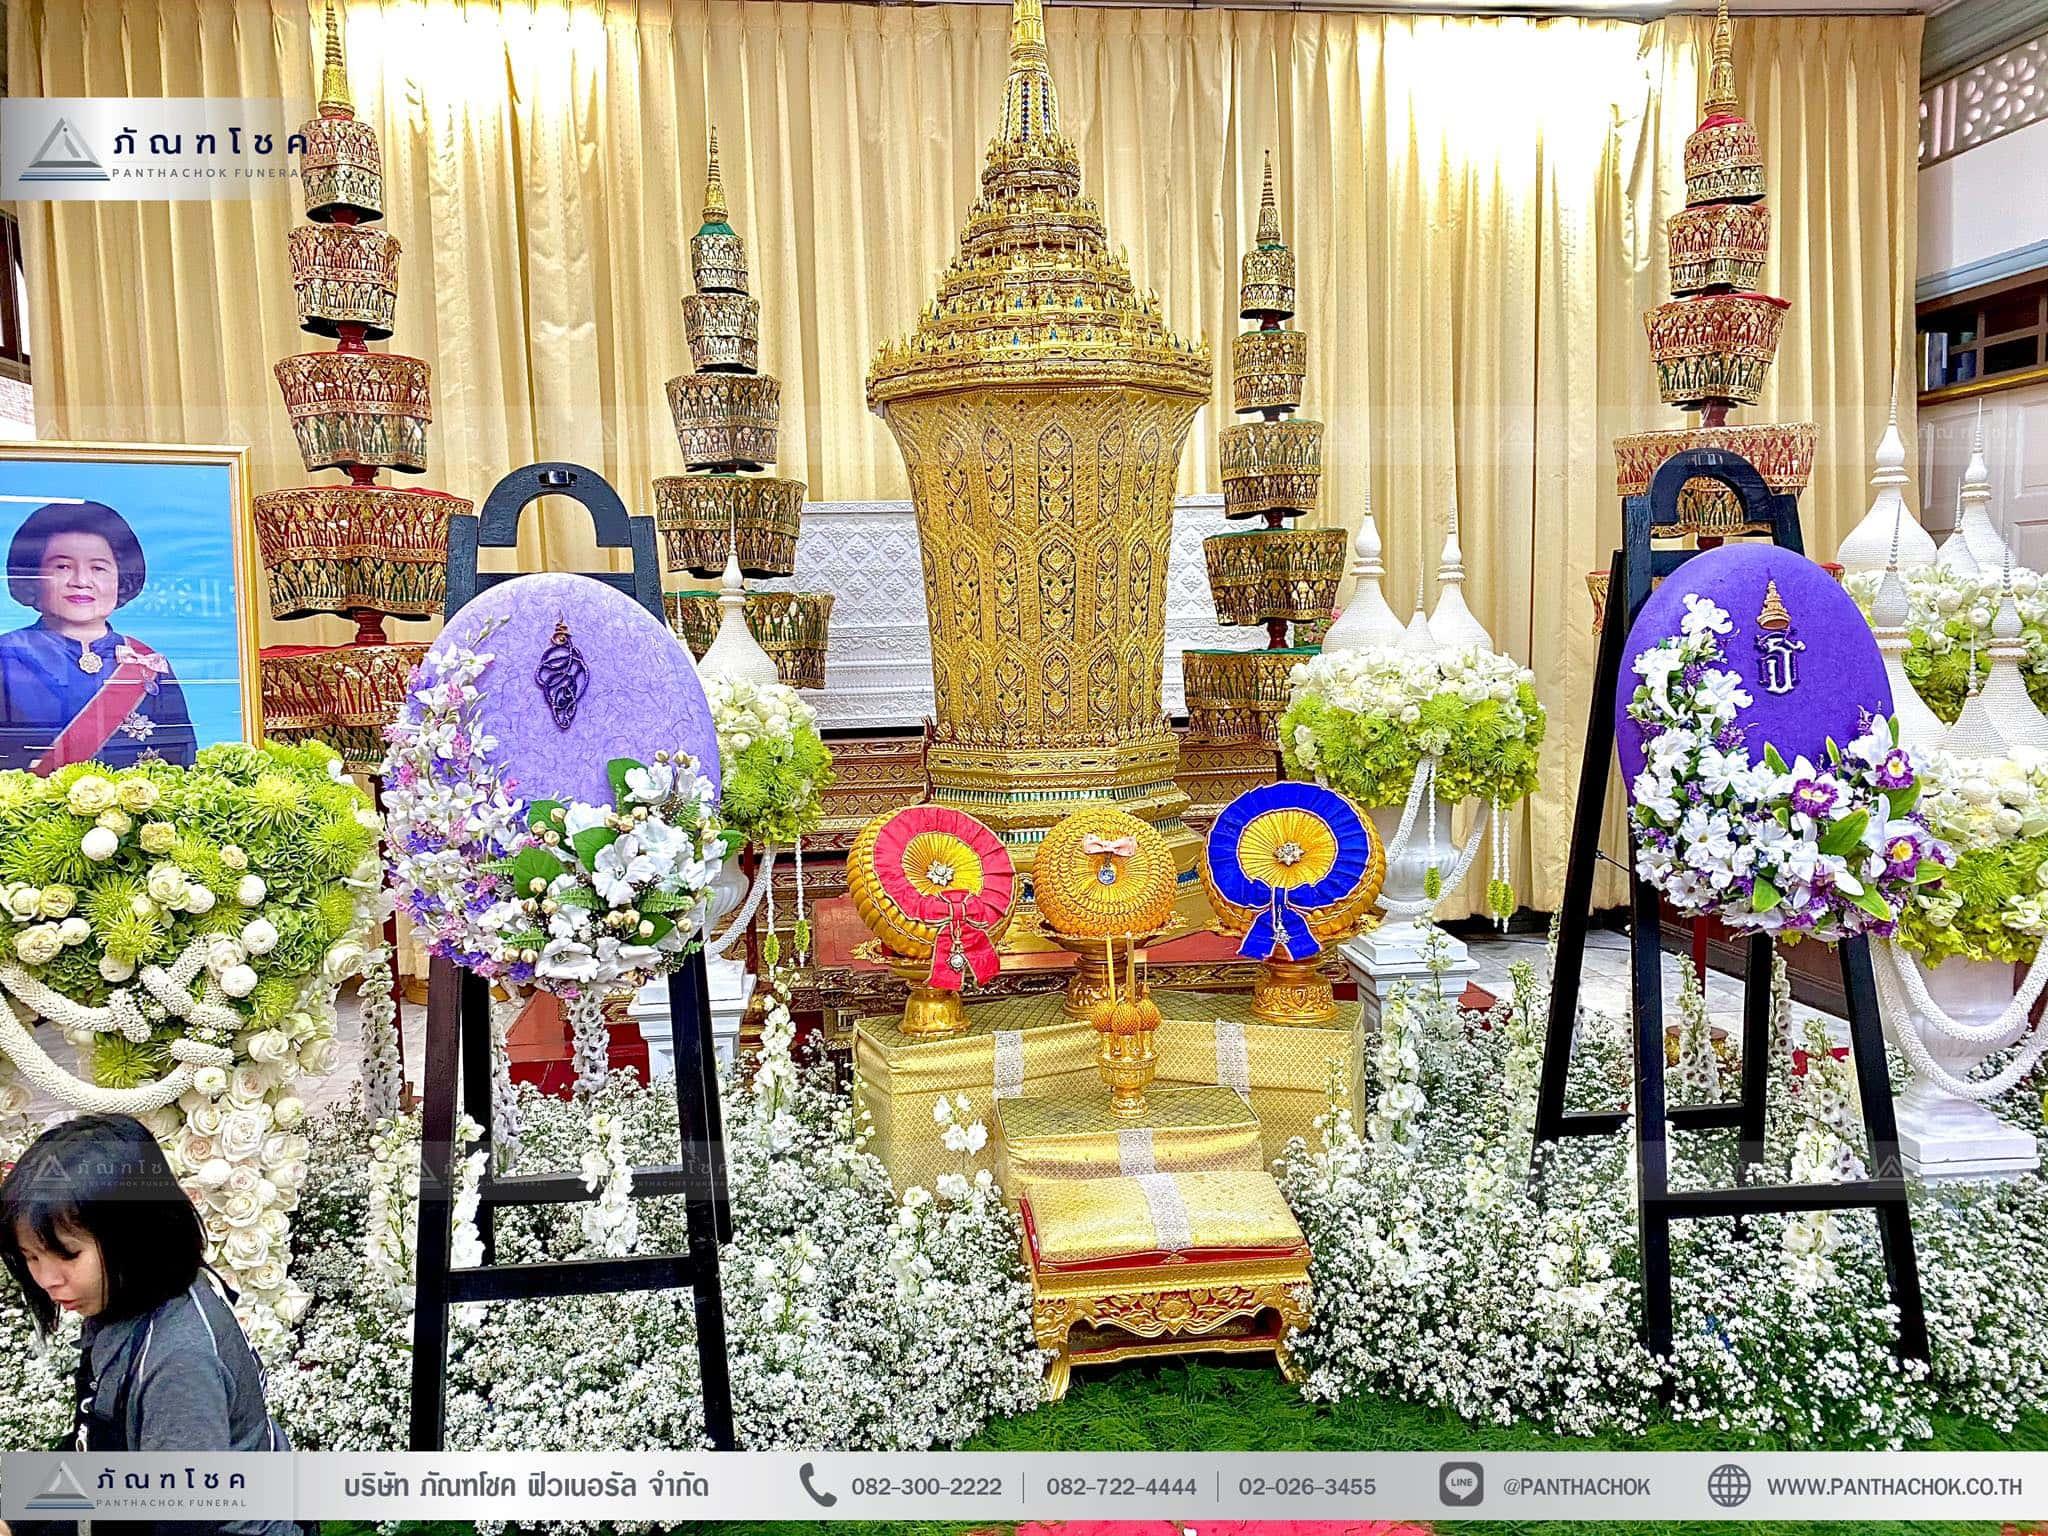 ดอกไม้ประดับหน้าโกศพระราชทาน ณ วัดมกุฏกษัตริยารามราชวรวิหาร 9